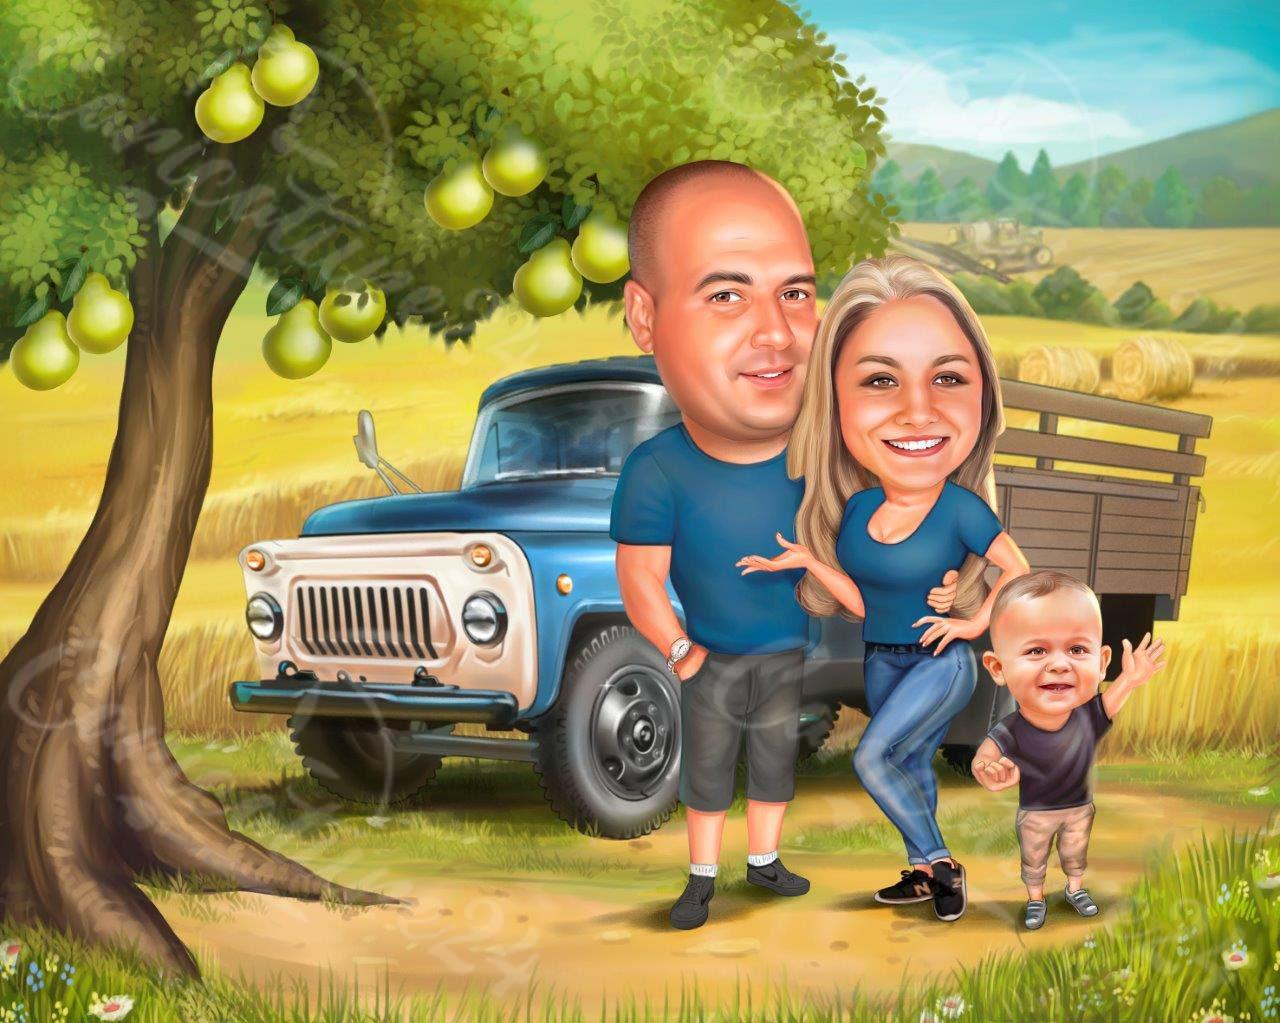 Карикатура подарък за семейство фермери